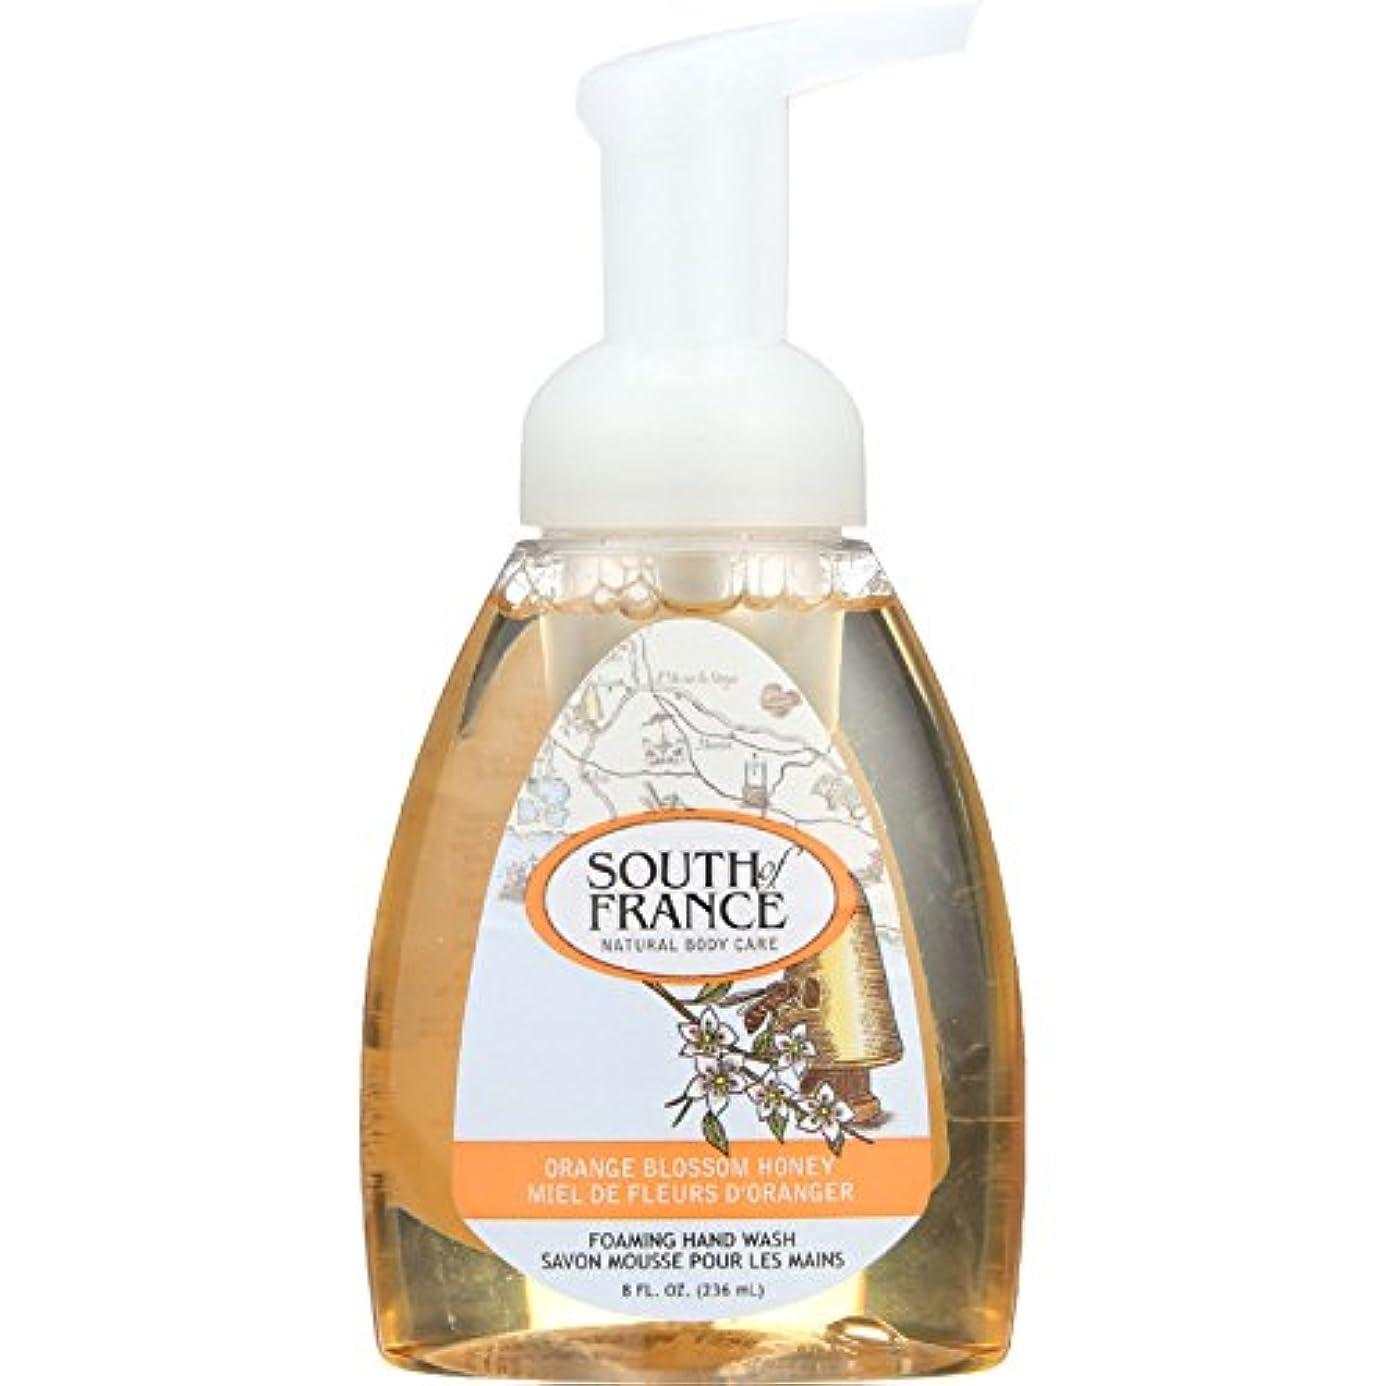 アイスクリーム過度の小競り合いHand Soap - Foaming - Orange Blossom Honey - 8 oz - 1 each by South Of France